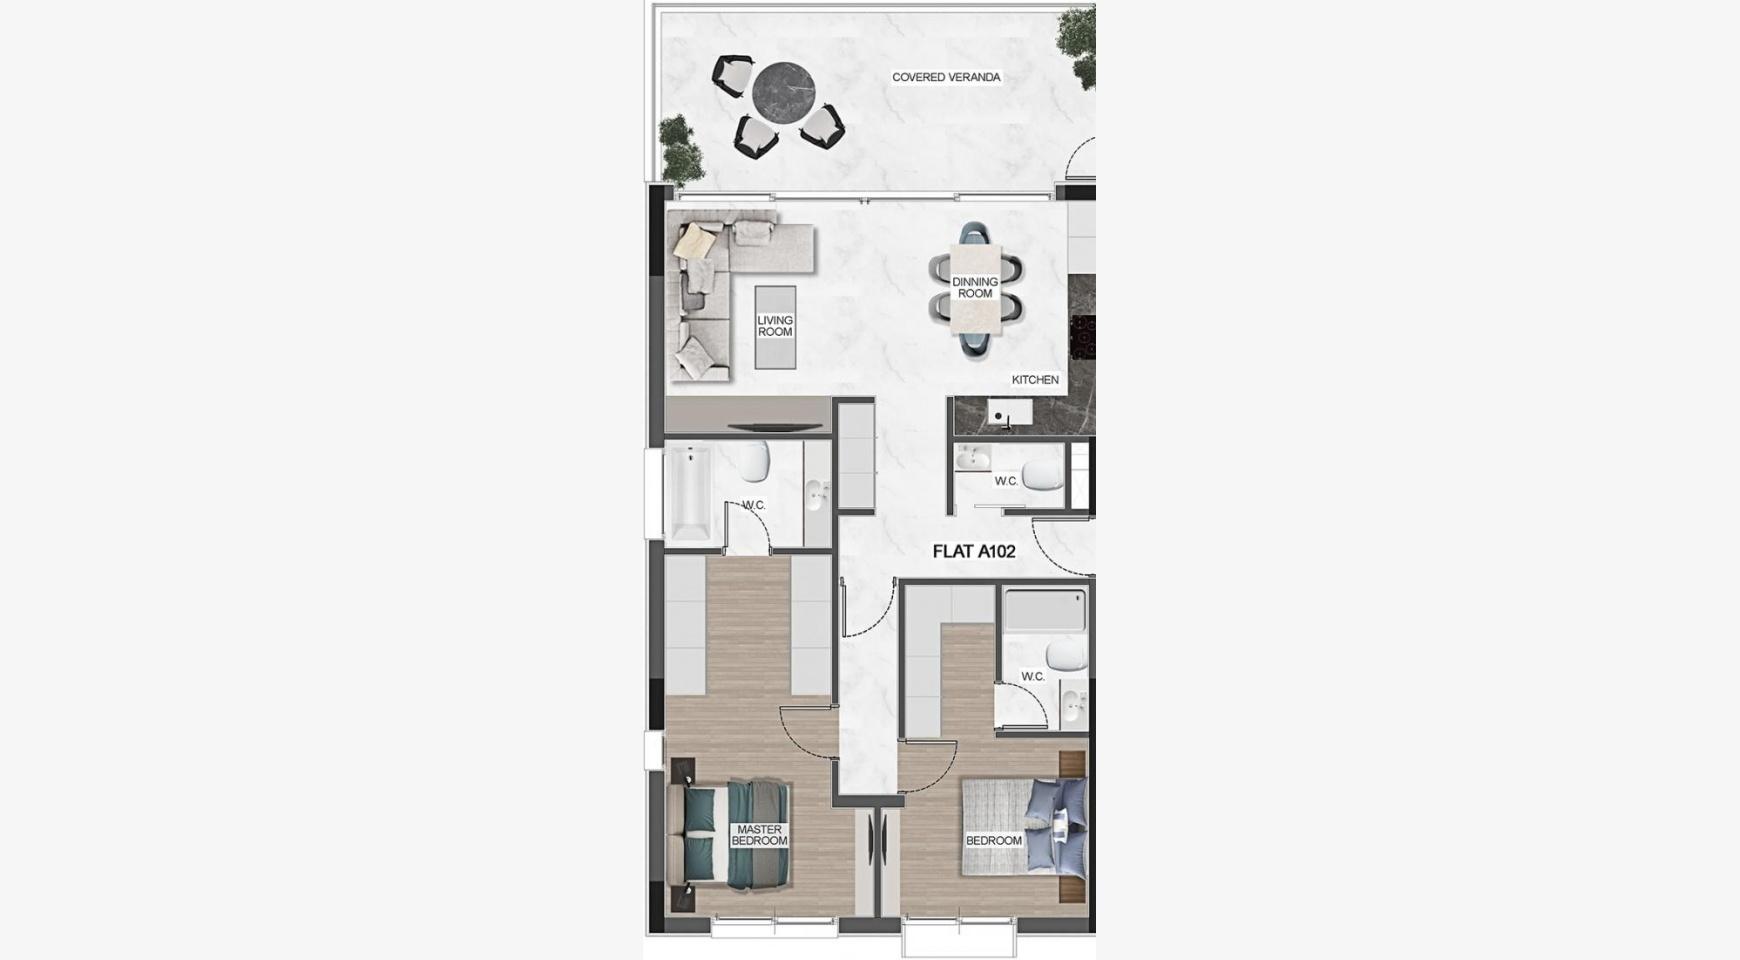 Urban City Residences, Кв. C 501. 3-Спальная Квартира в Новом Комплексе в Центре Города - 41